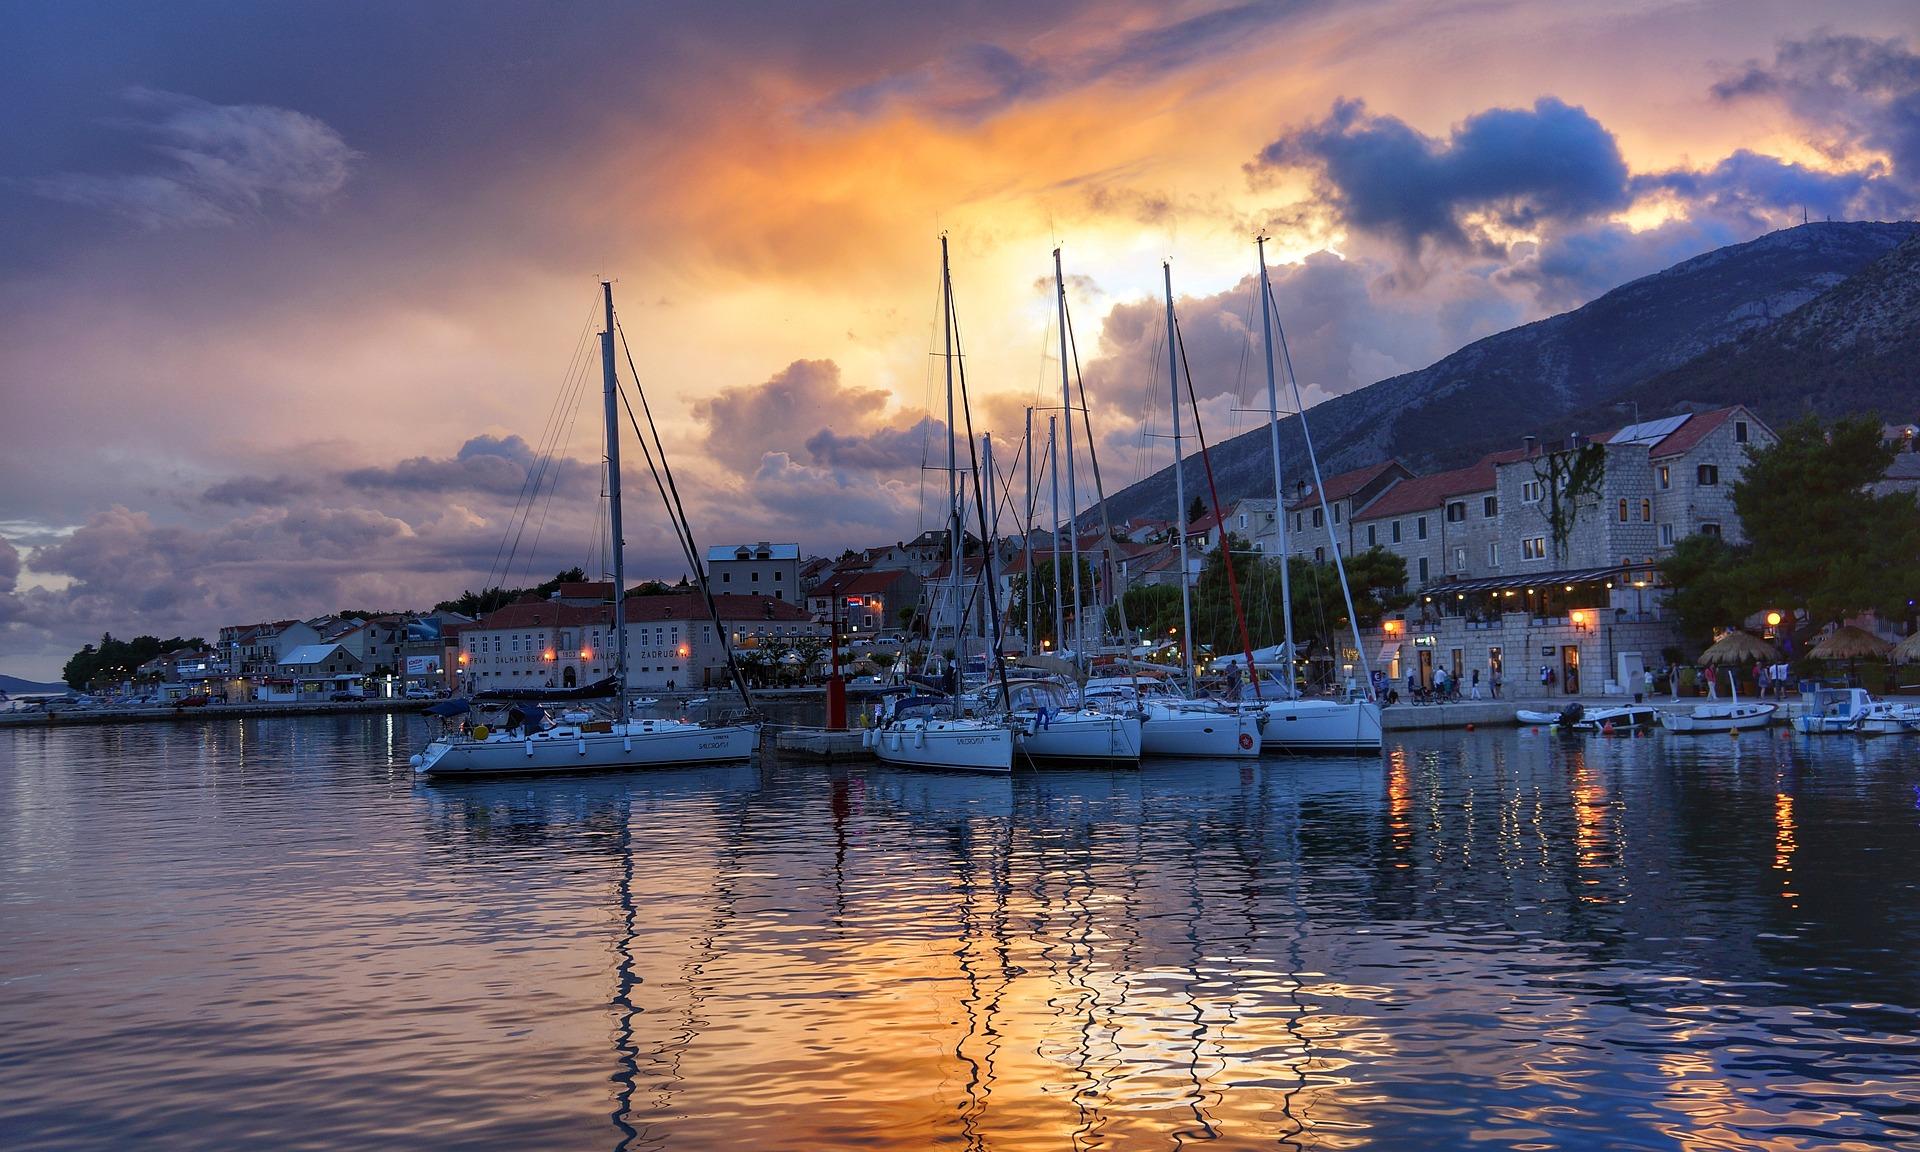 Split, Croatia at dusk